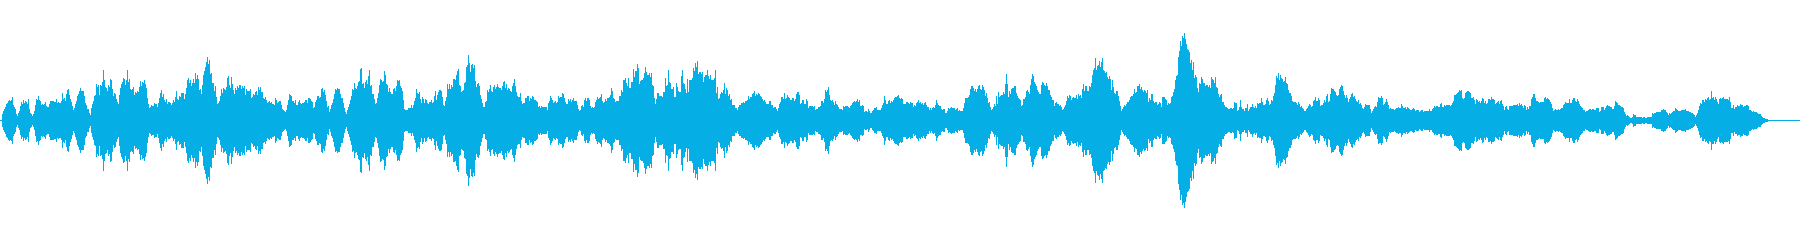 やさしいオーケストラ『愛の挨拶』 の再生済みの波形